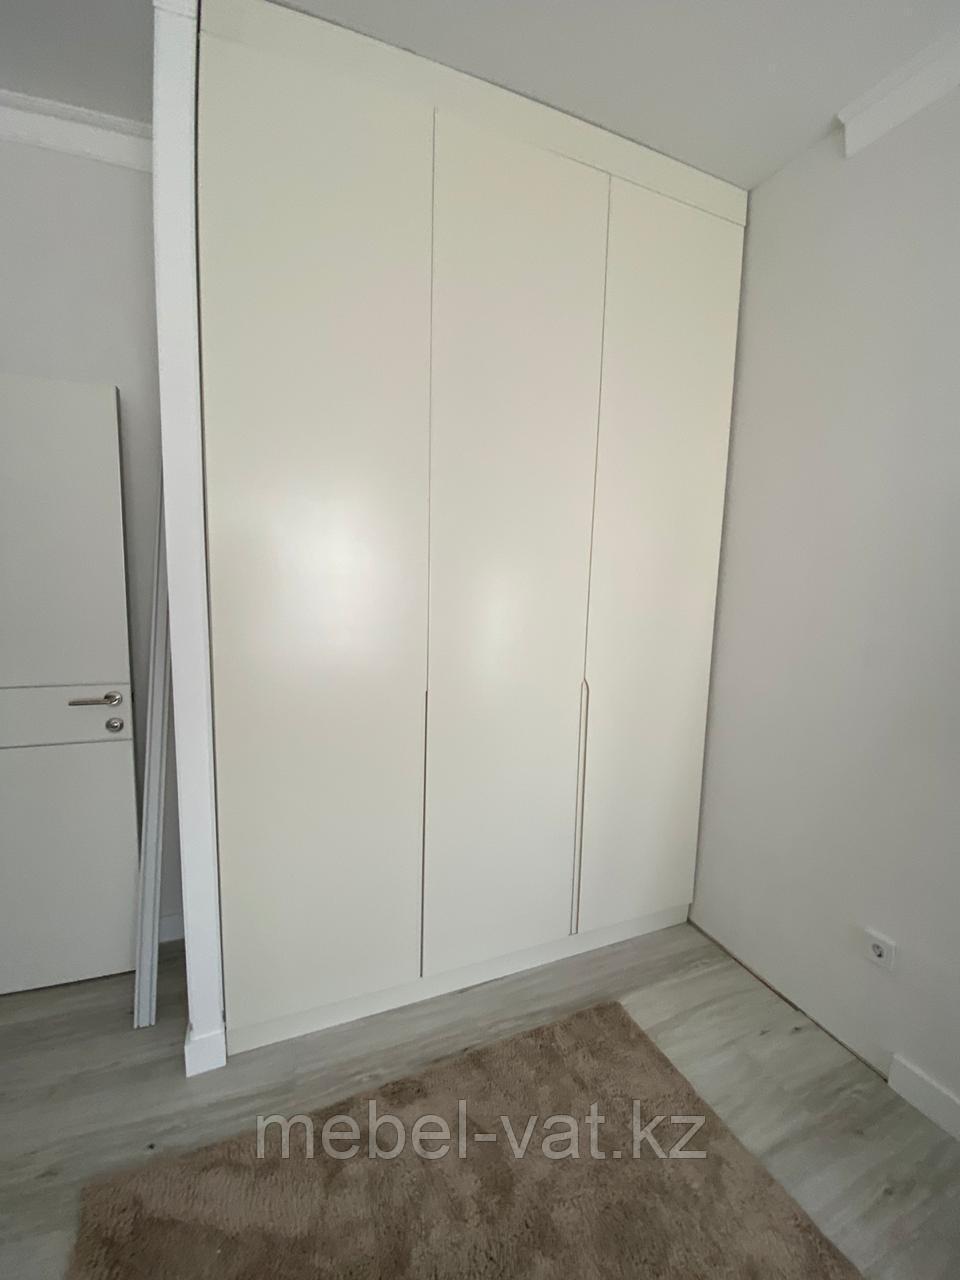 Шкаф, встроенный в нишу. На заказ. Без ручек